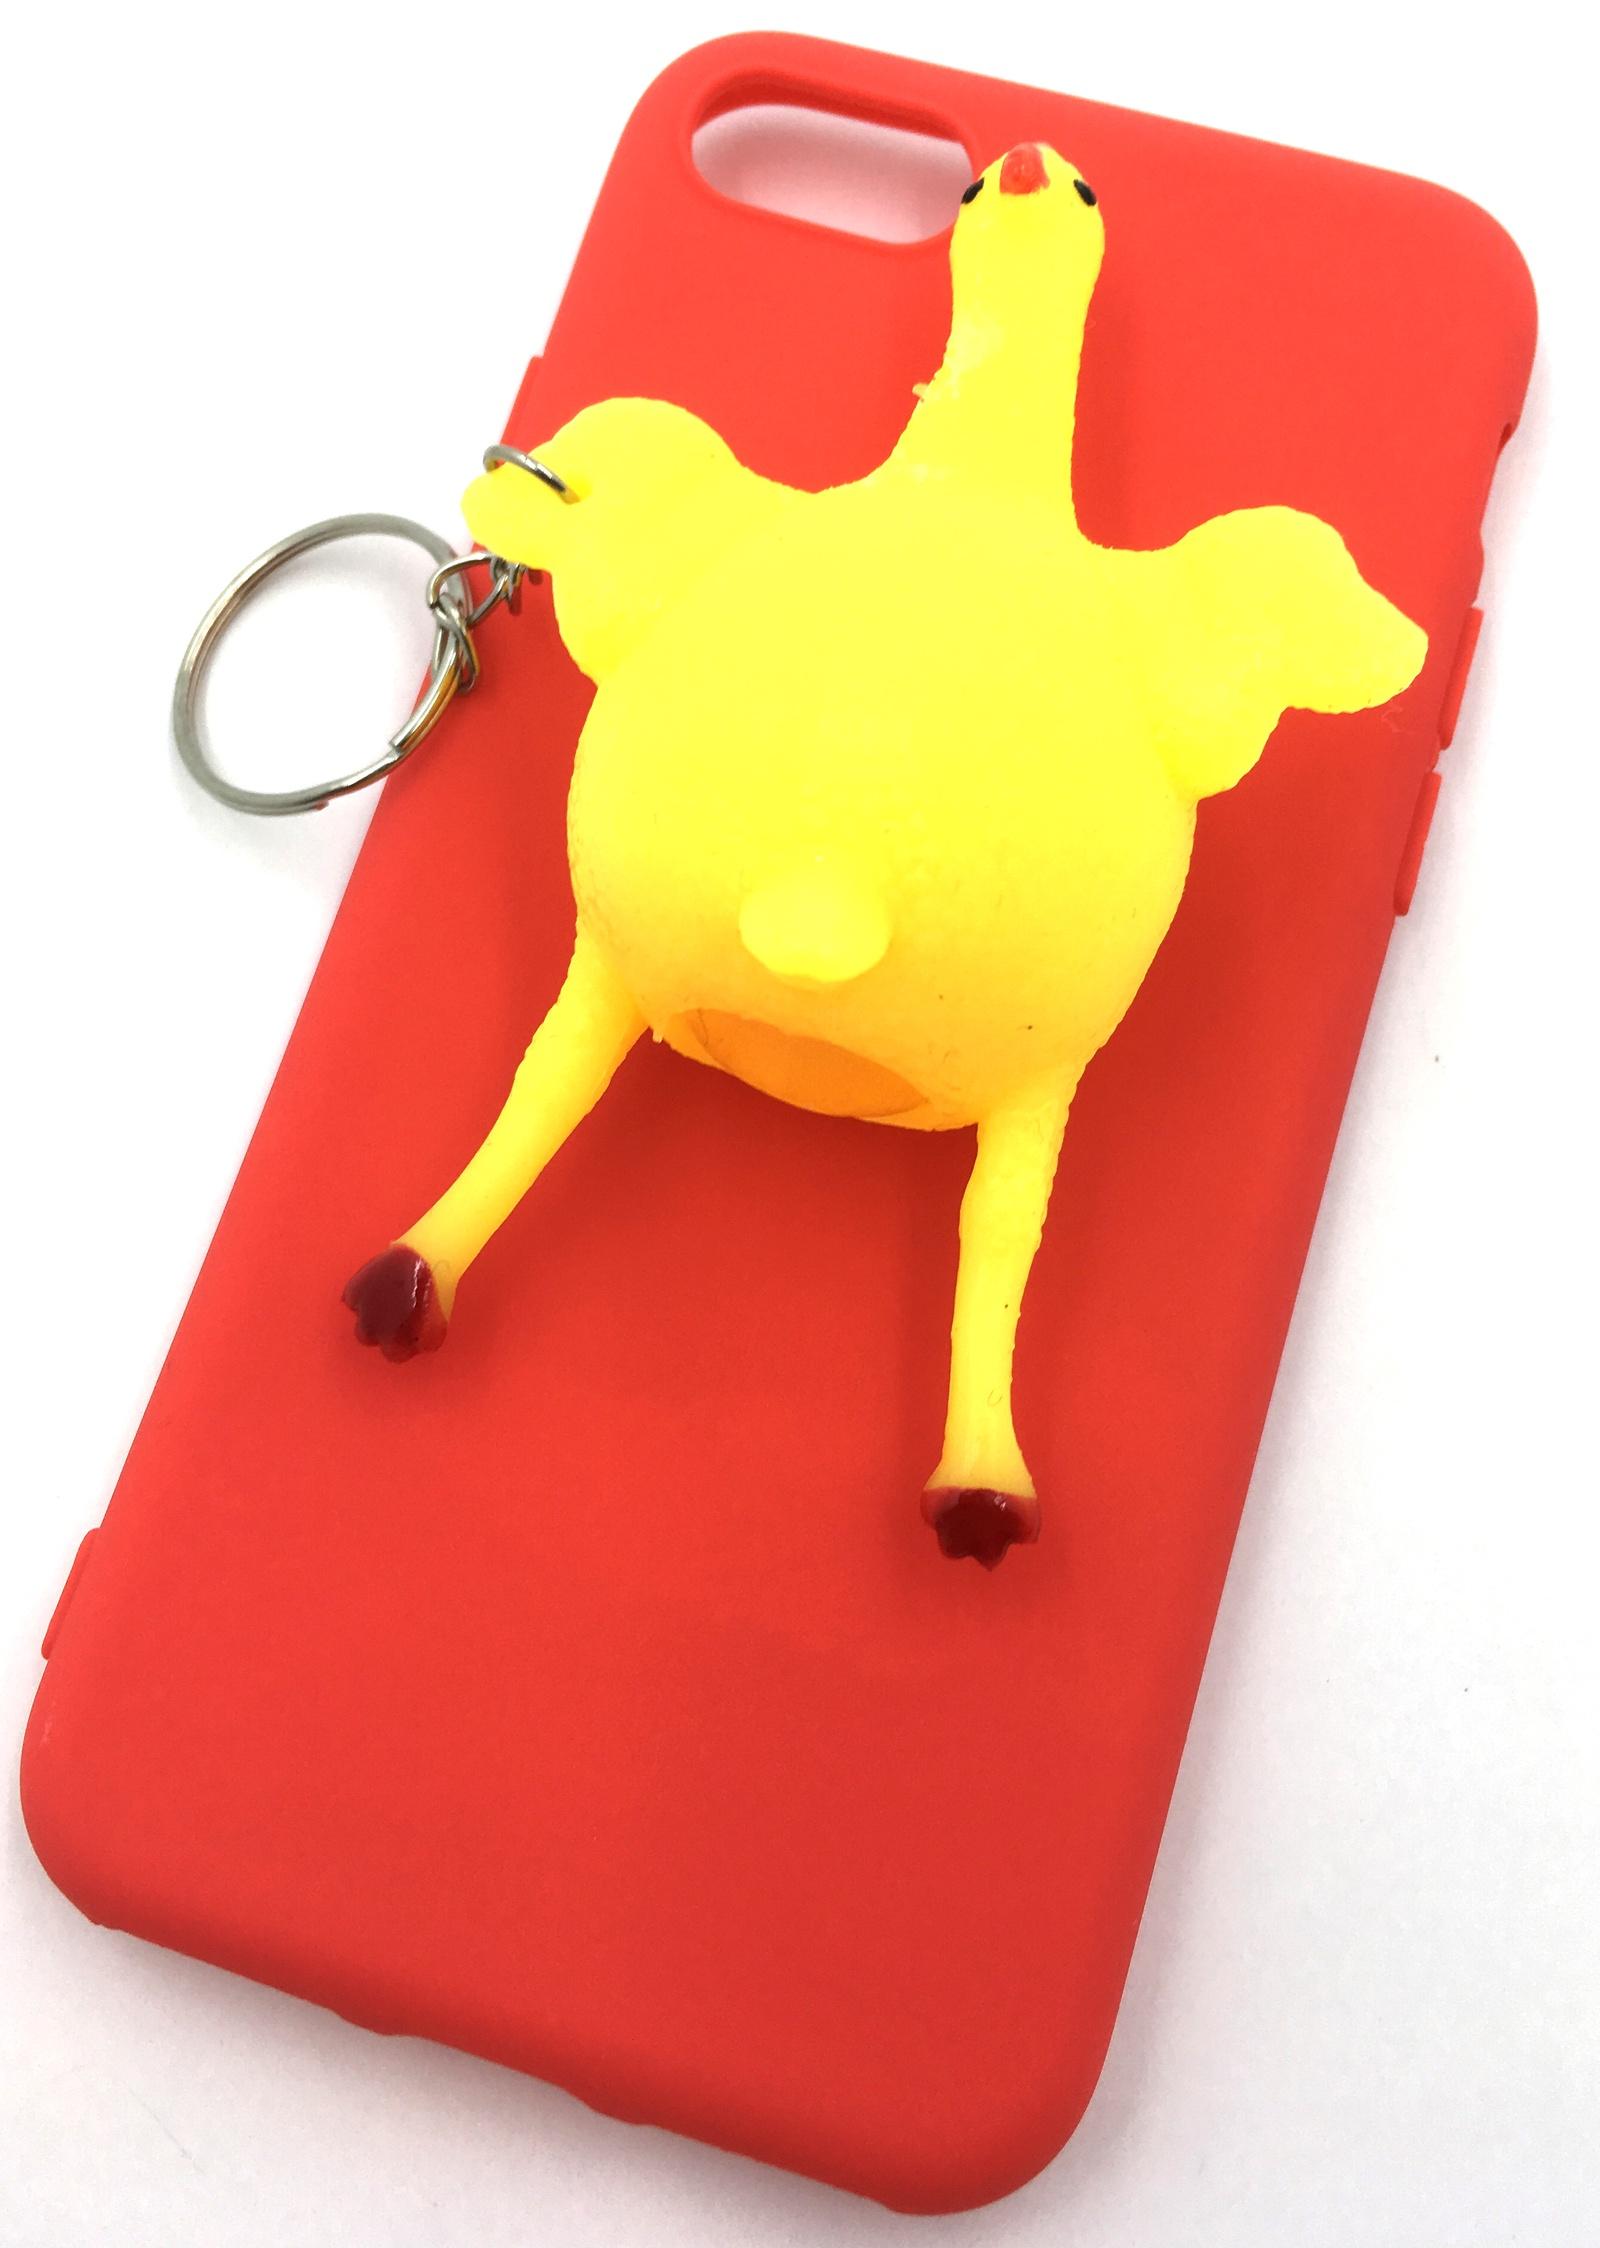 лучшая цена Чехол для сотового телефона Мобильная мода iPhone 7 Накладка резиновая 3D, Курица, красный